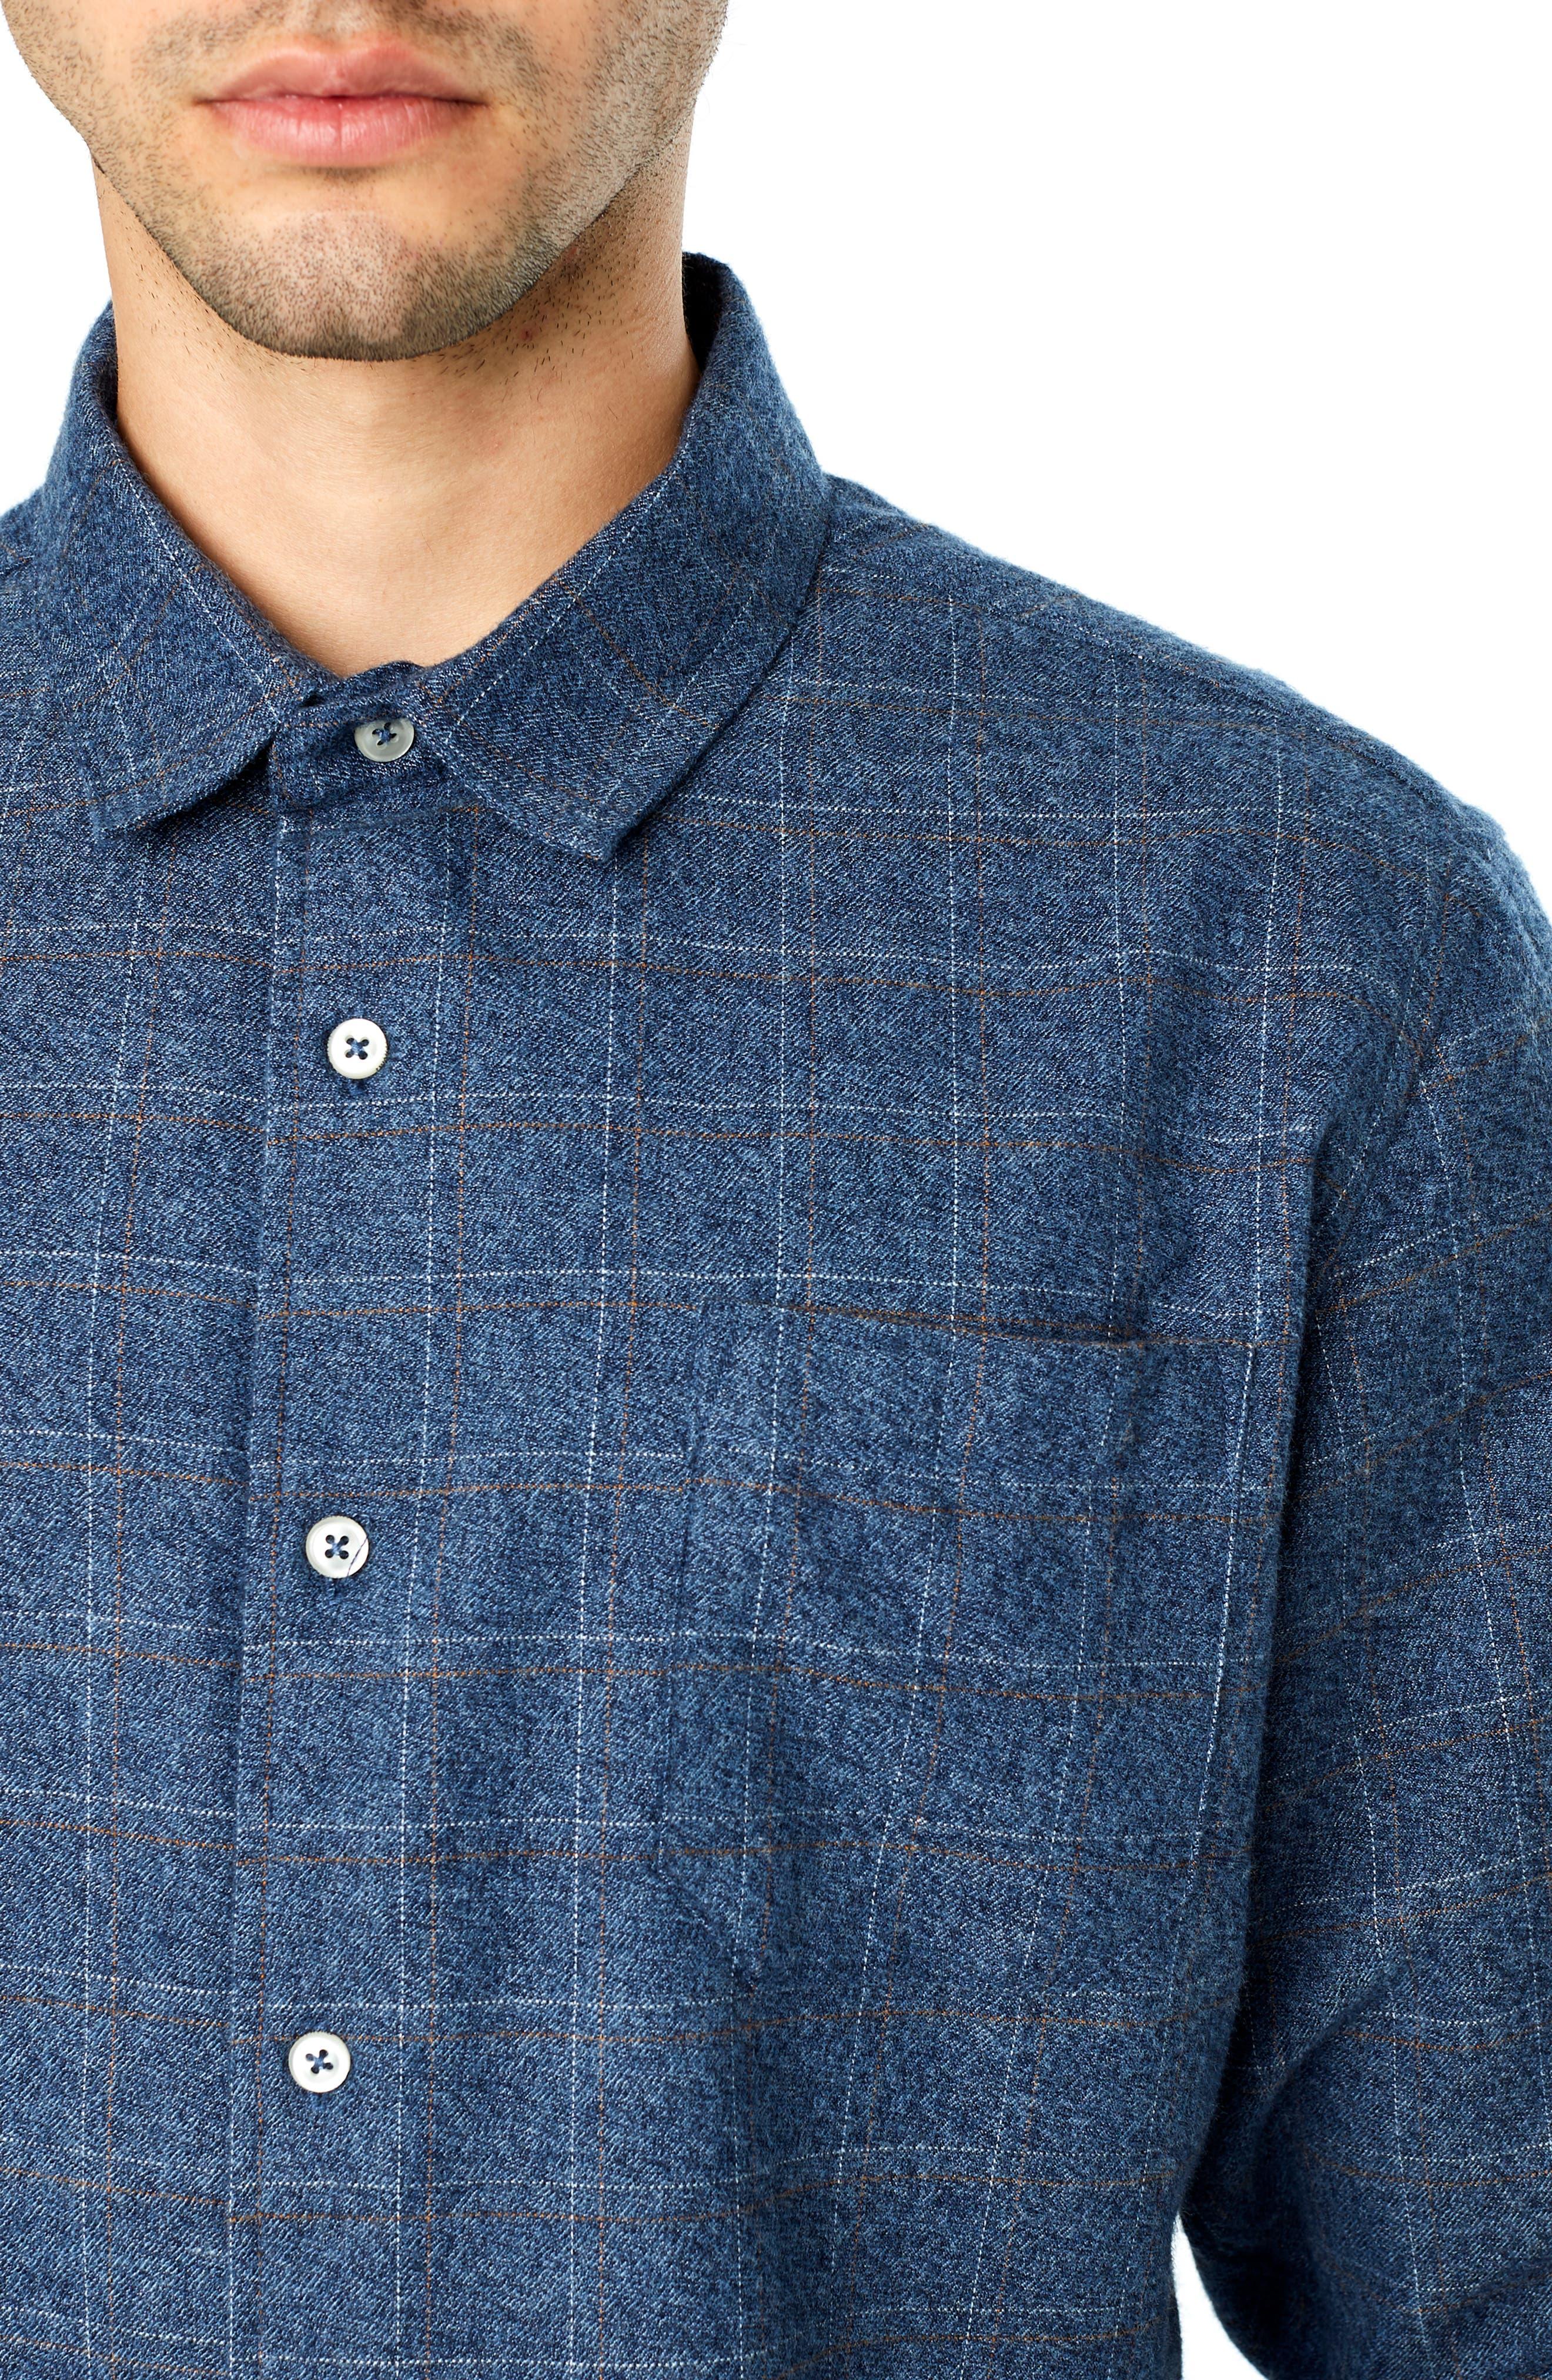 Trim Fit Check Flannel Shirt,                             Alternate thumbnail 2, color,                             410